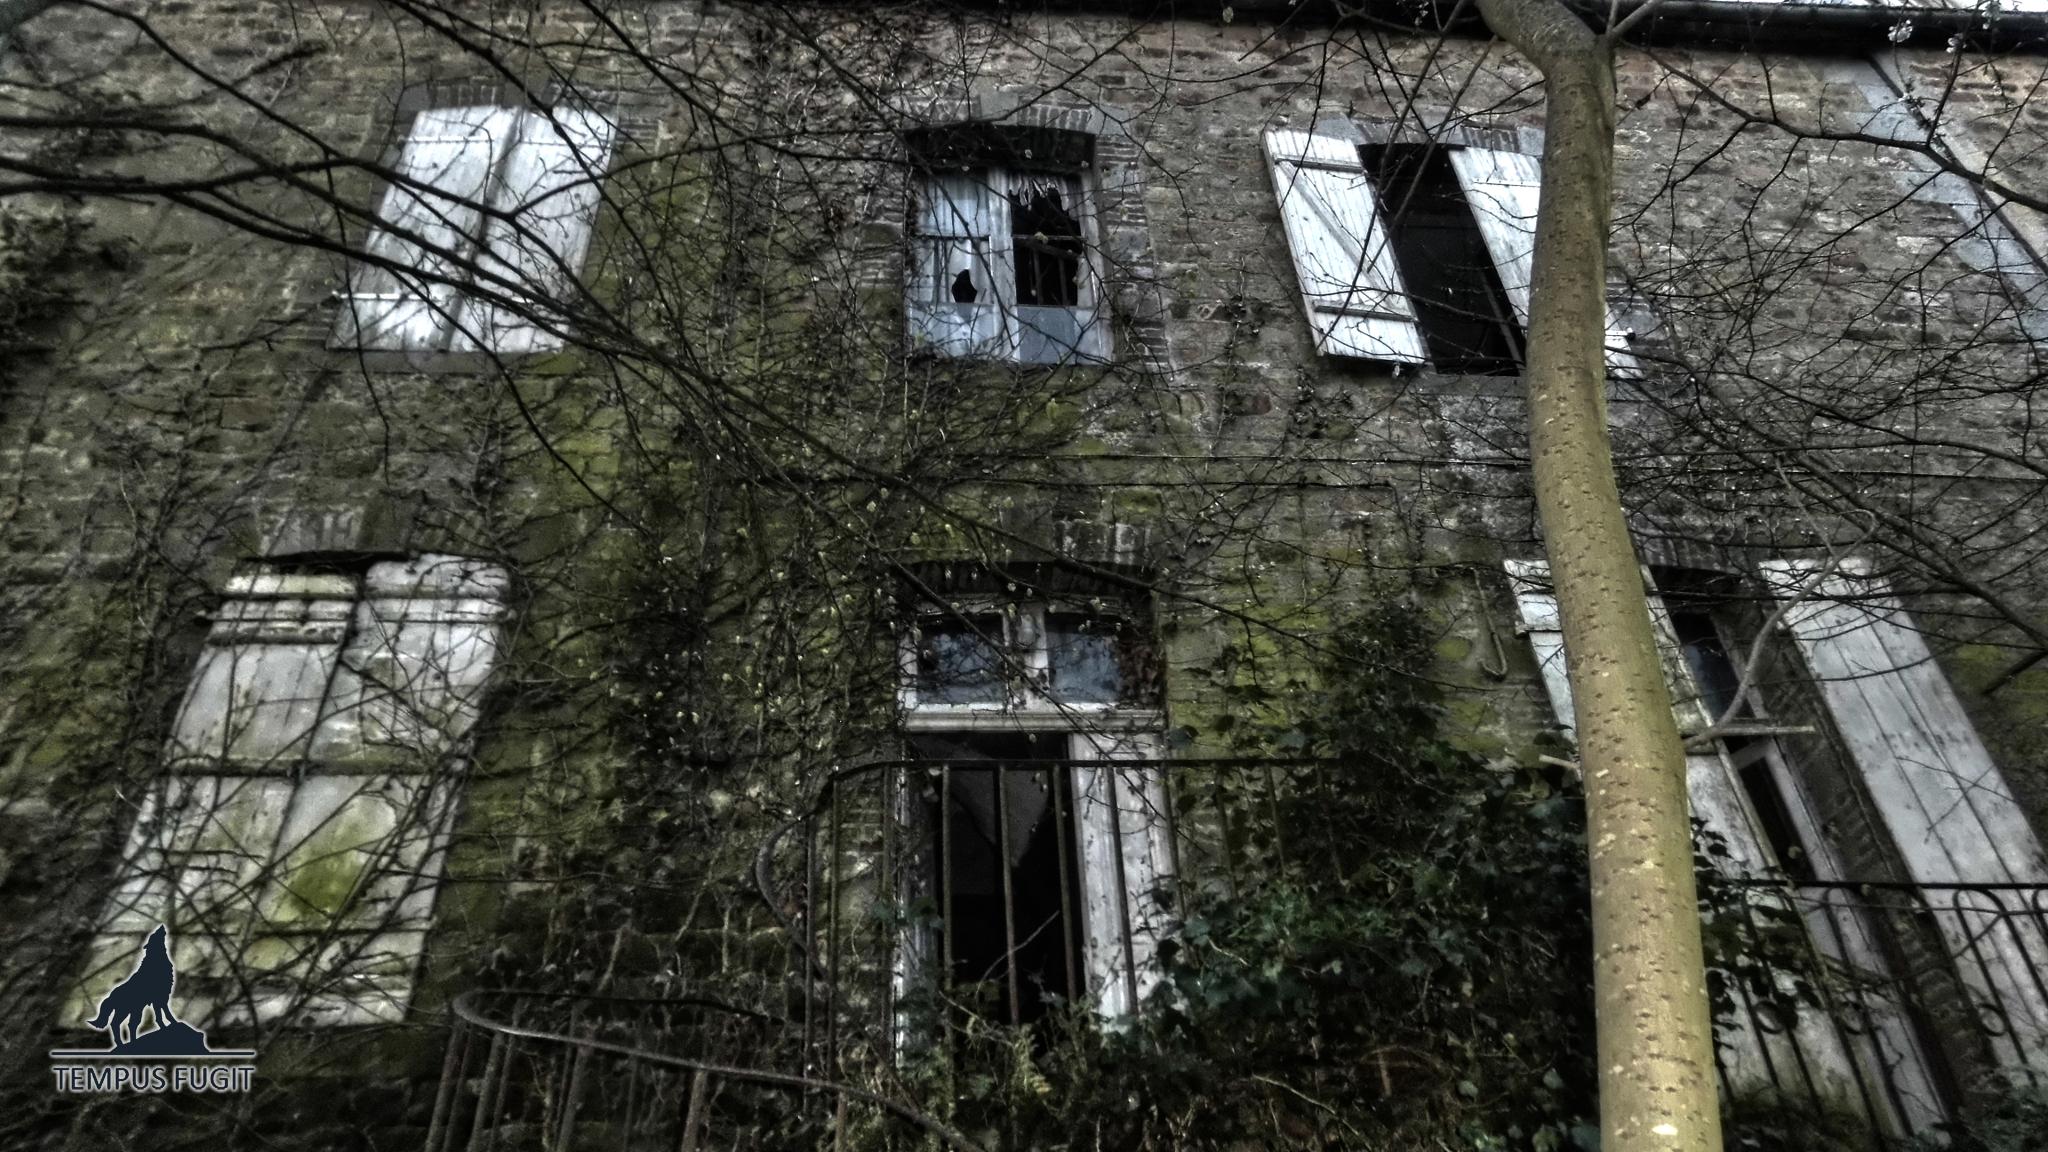 Maison Clavus (vidéo)